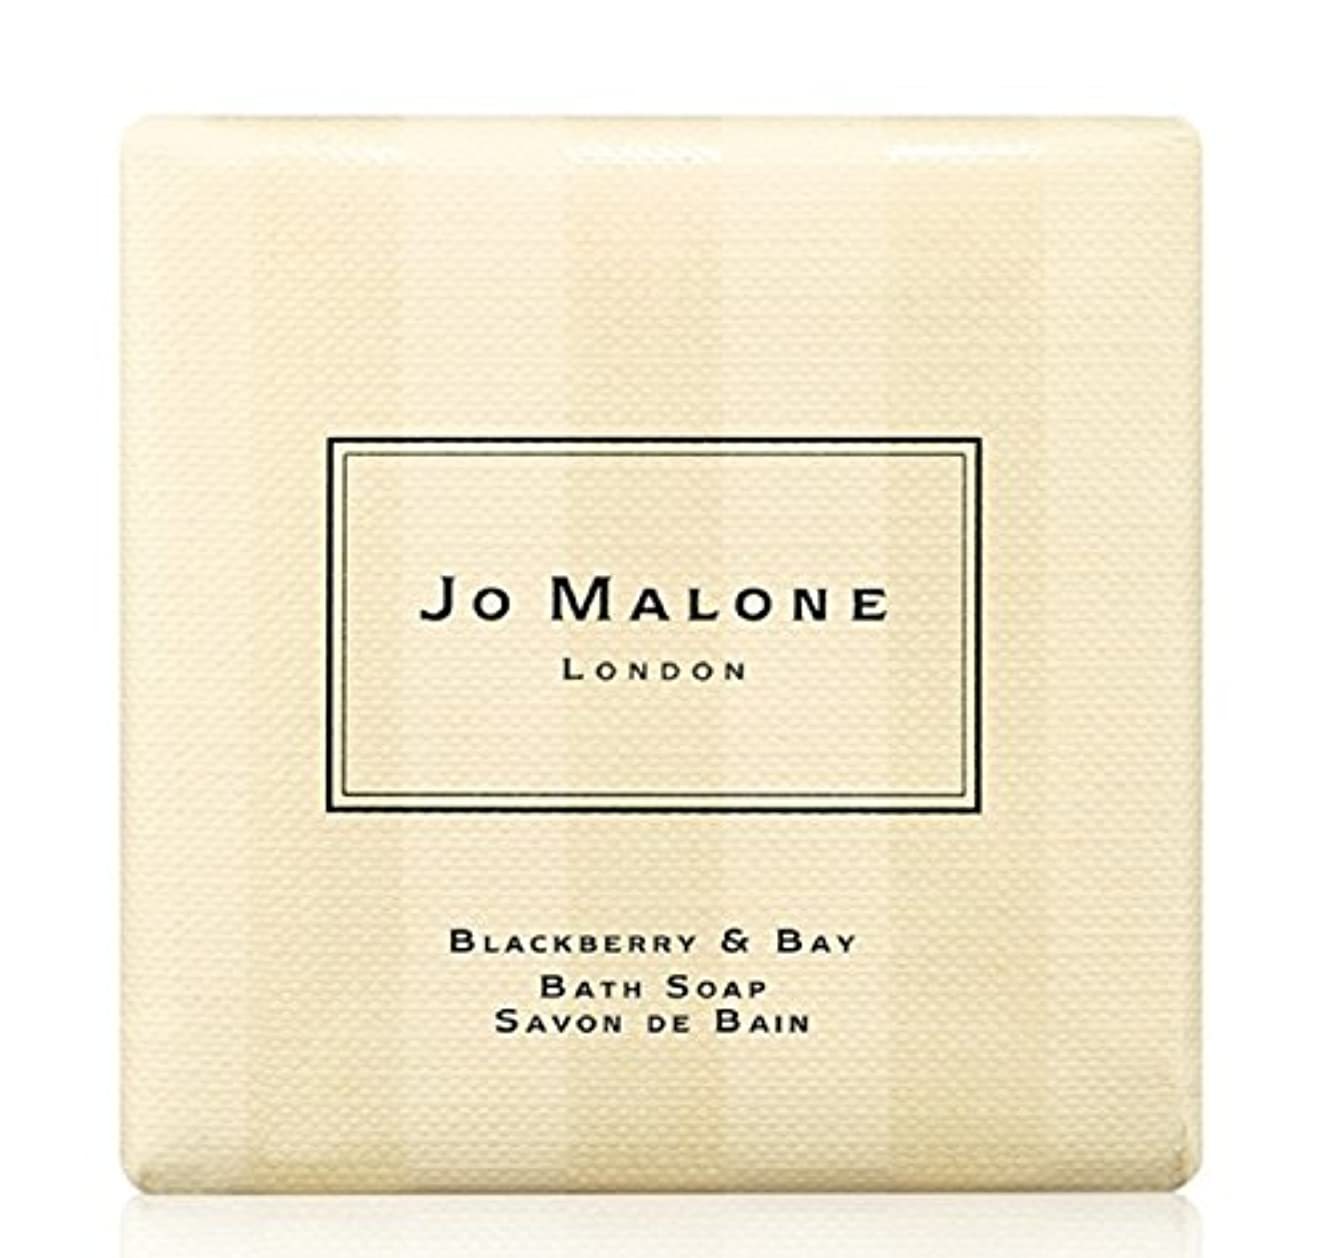 リス万一に備えて構想するジョーマローン ブラックベリー&ベイ バス ソープ 石鹸 100 g